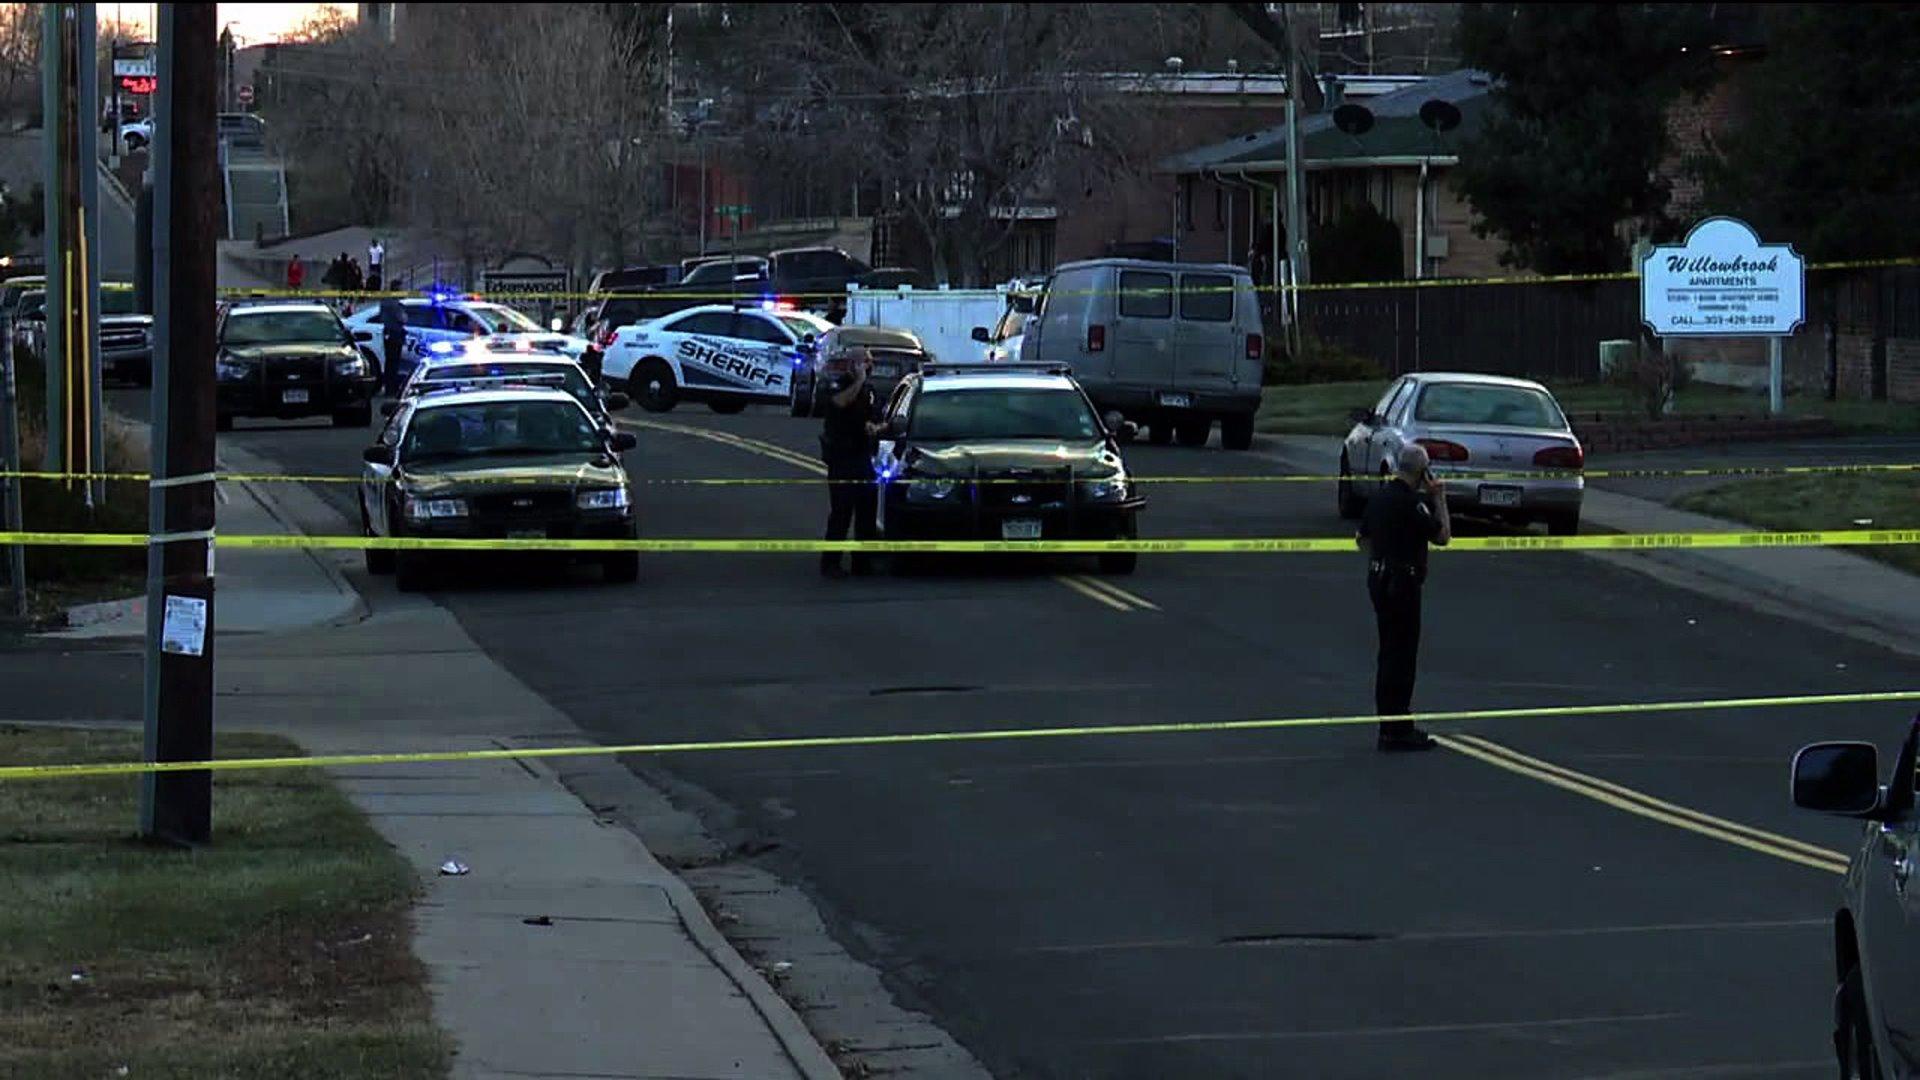 Crime scene in Denver